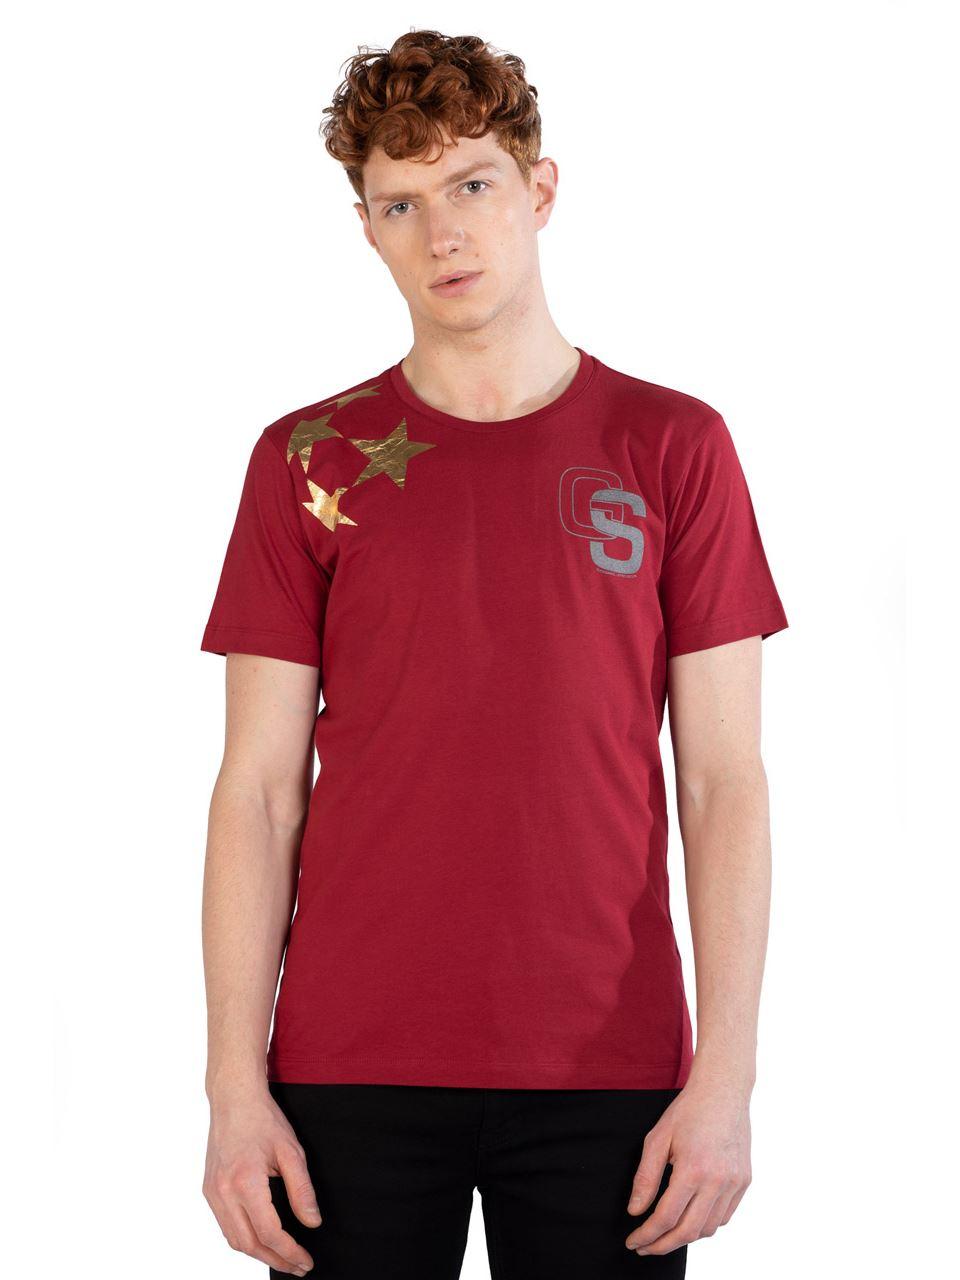 Ruck & Maul Erkek T-shirt 21167